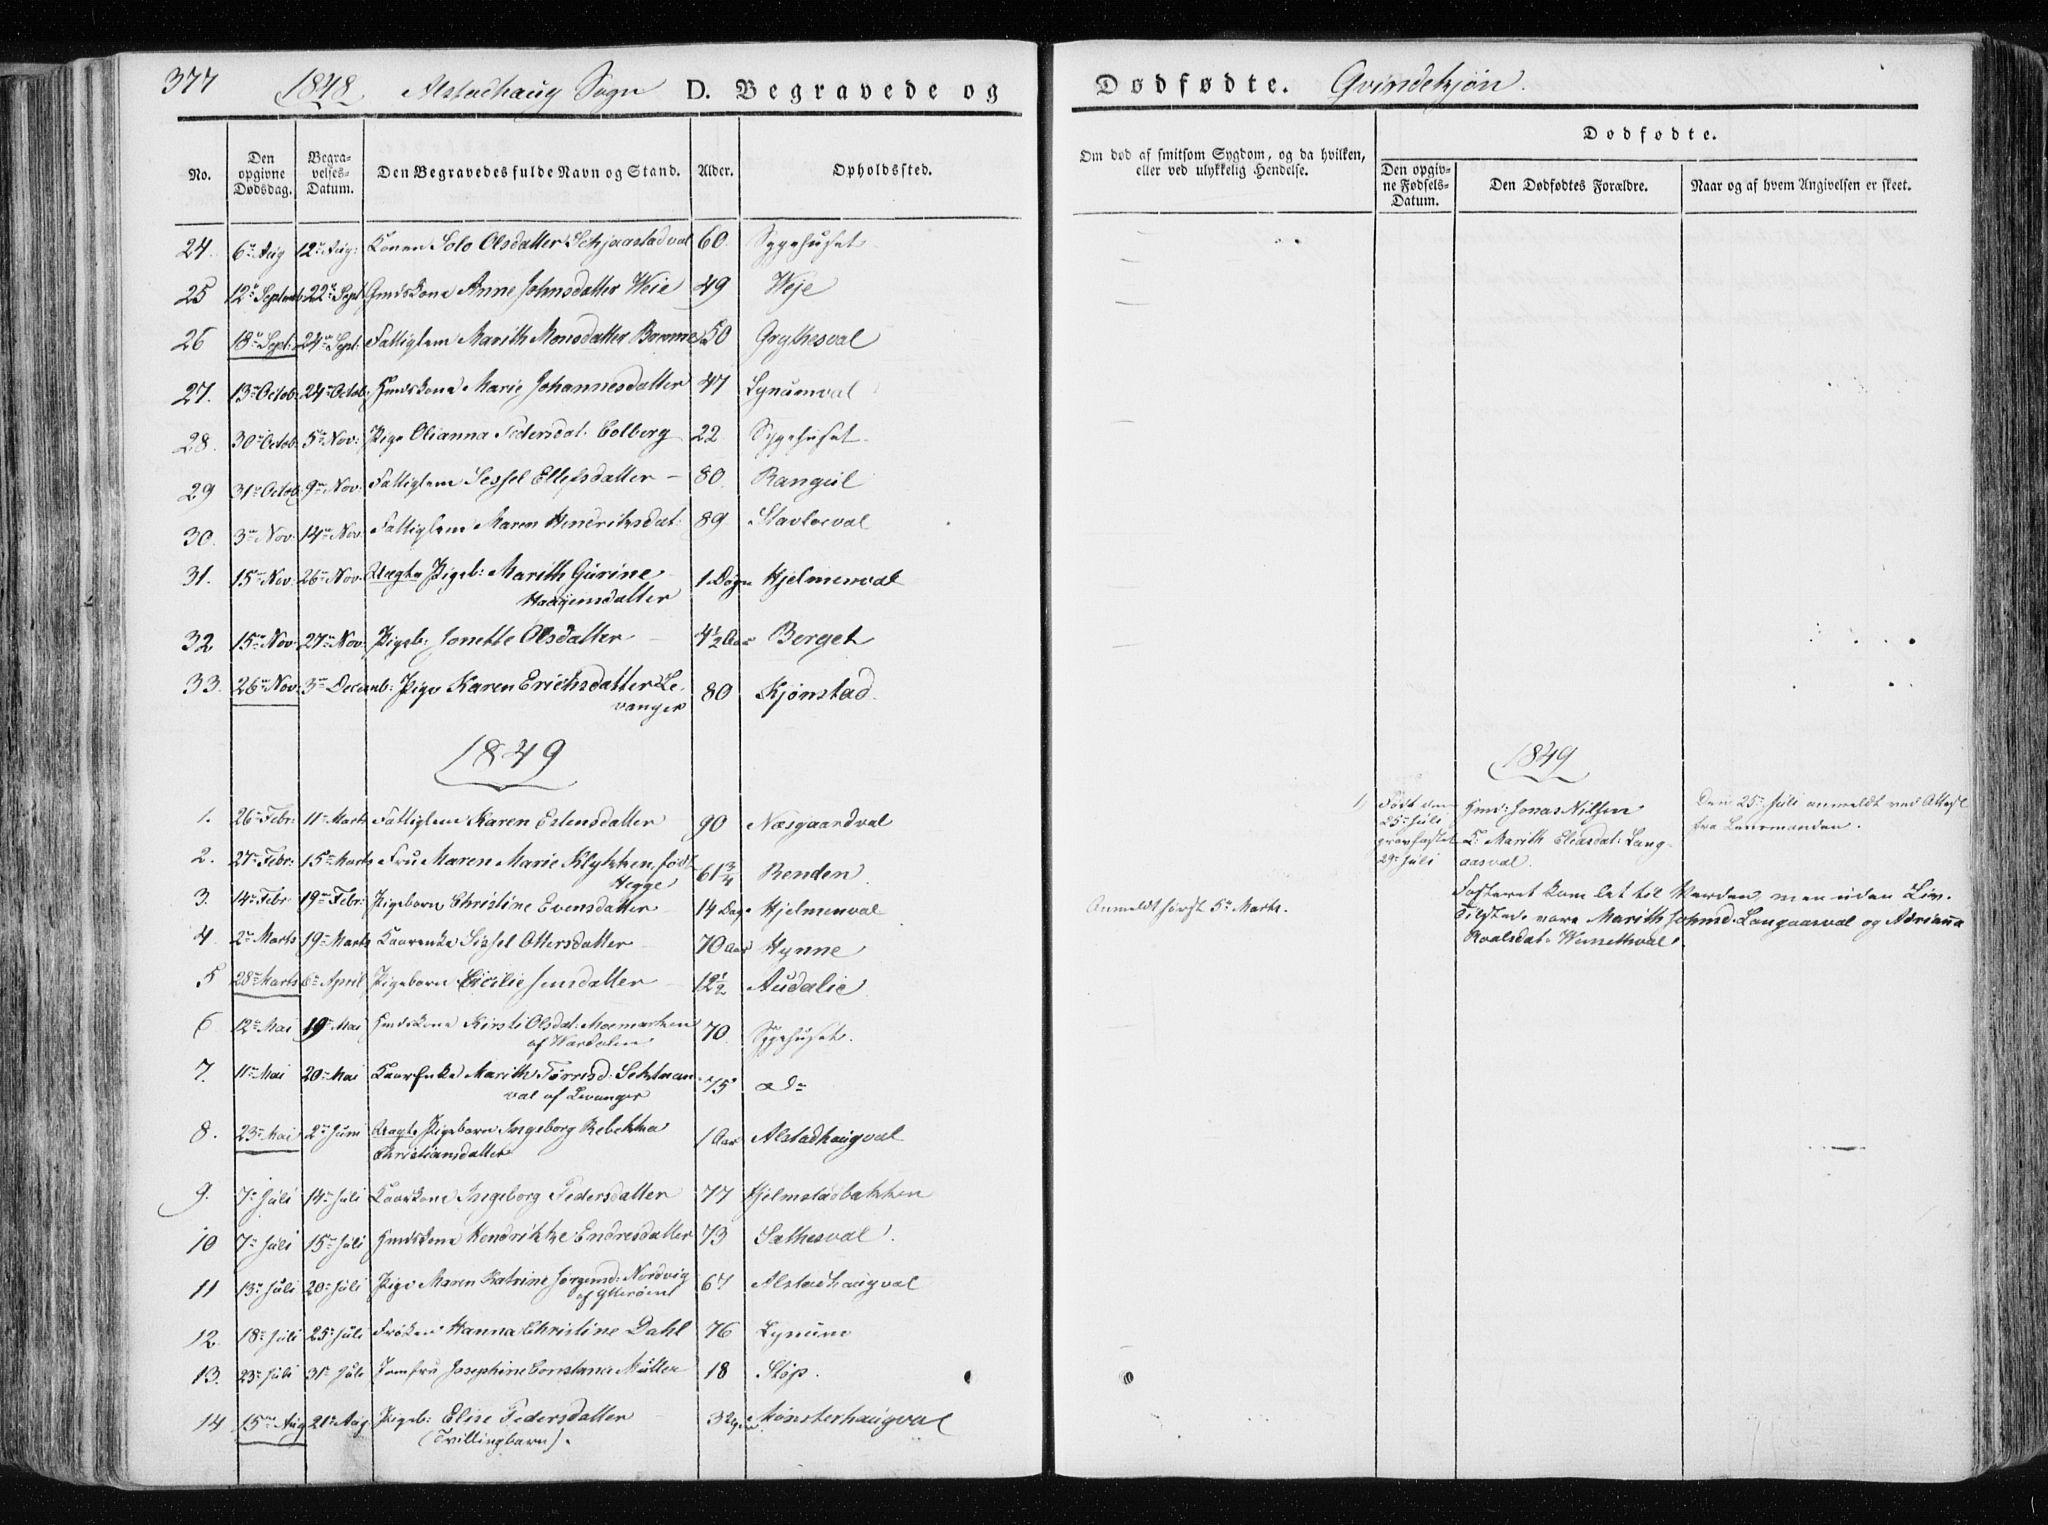 SAT, Ministerialprotokoller, klokkerbøker og fødselsregistre - Nord-Trøndelag, 717/L0154: Ministerialbok nr. 717A06 /1, 1836-1849, s. 377